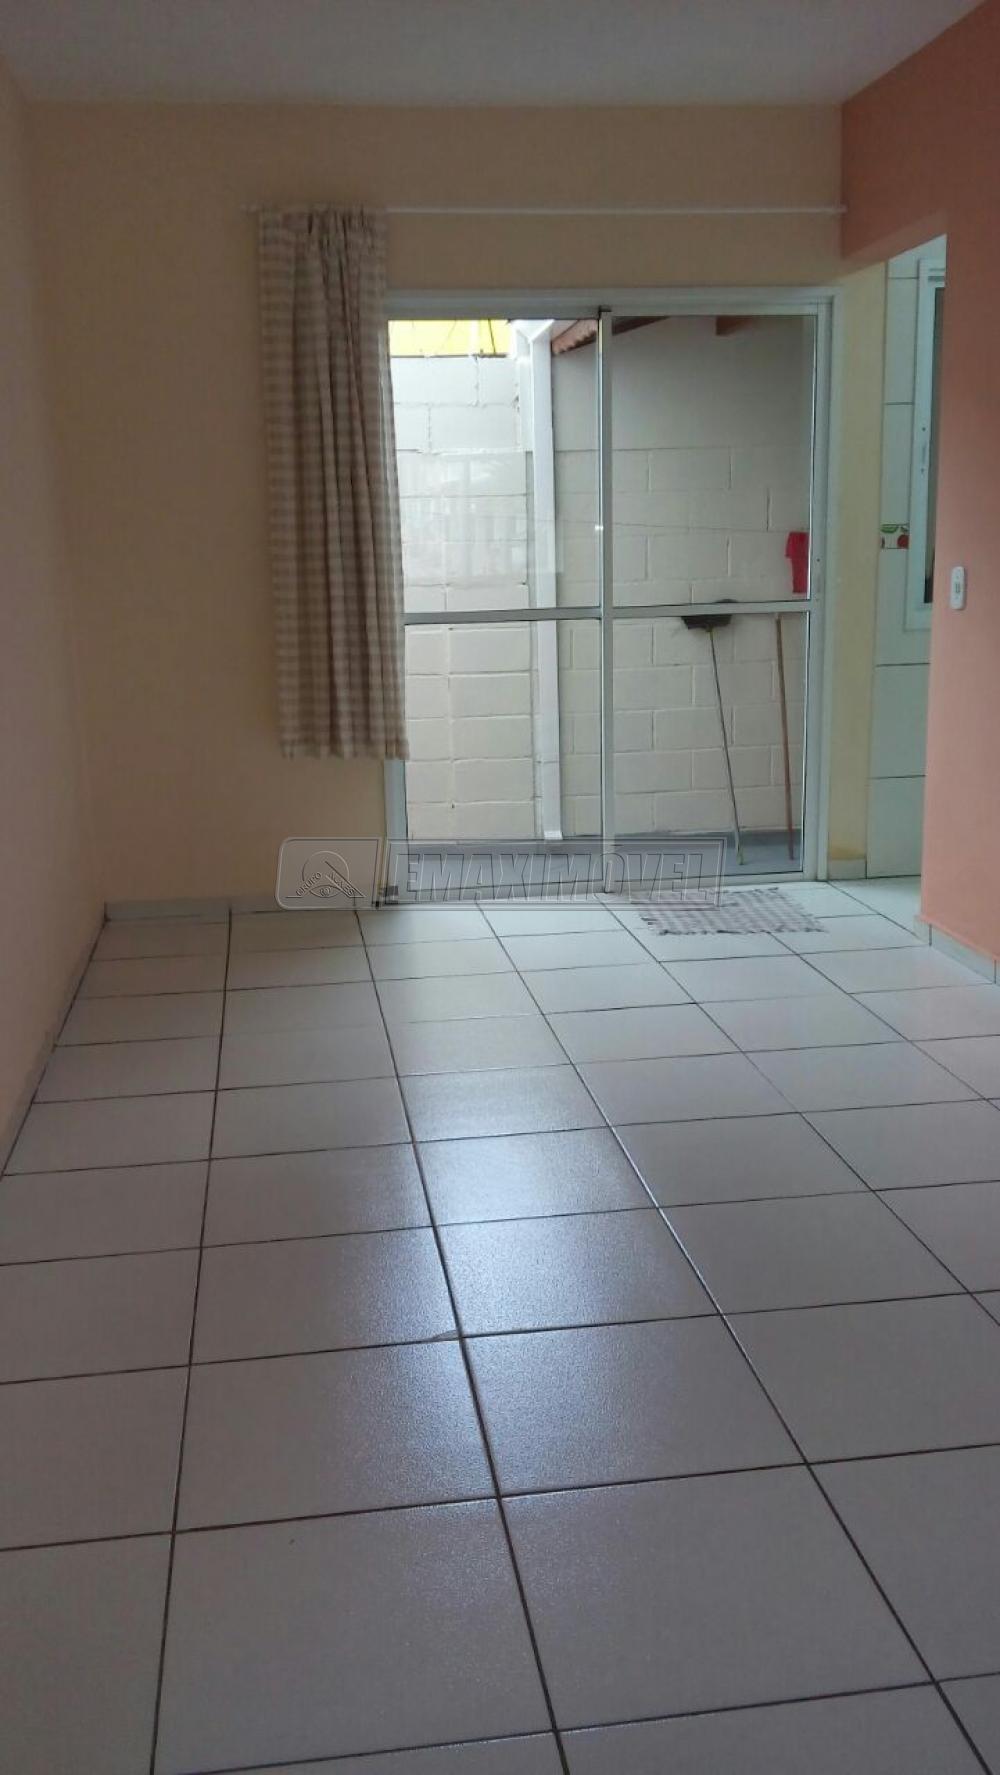 Comprar Casas / em Condomínios em Sorocaba apenas R$ 200.000,00 - Foto 4